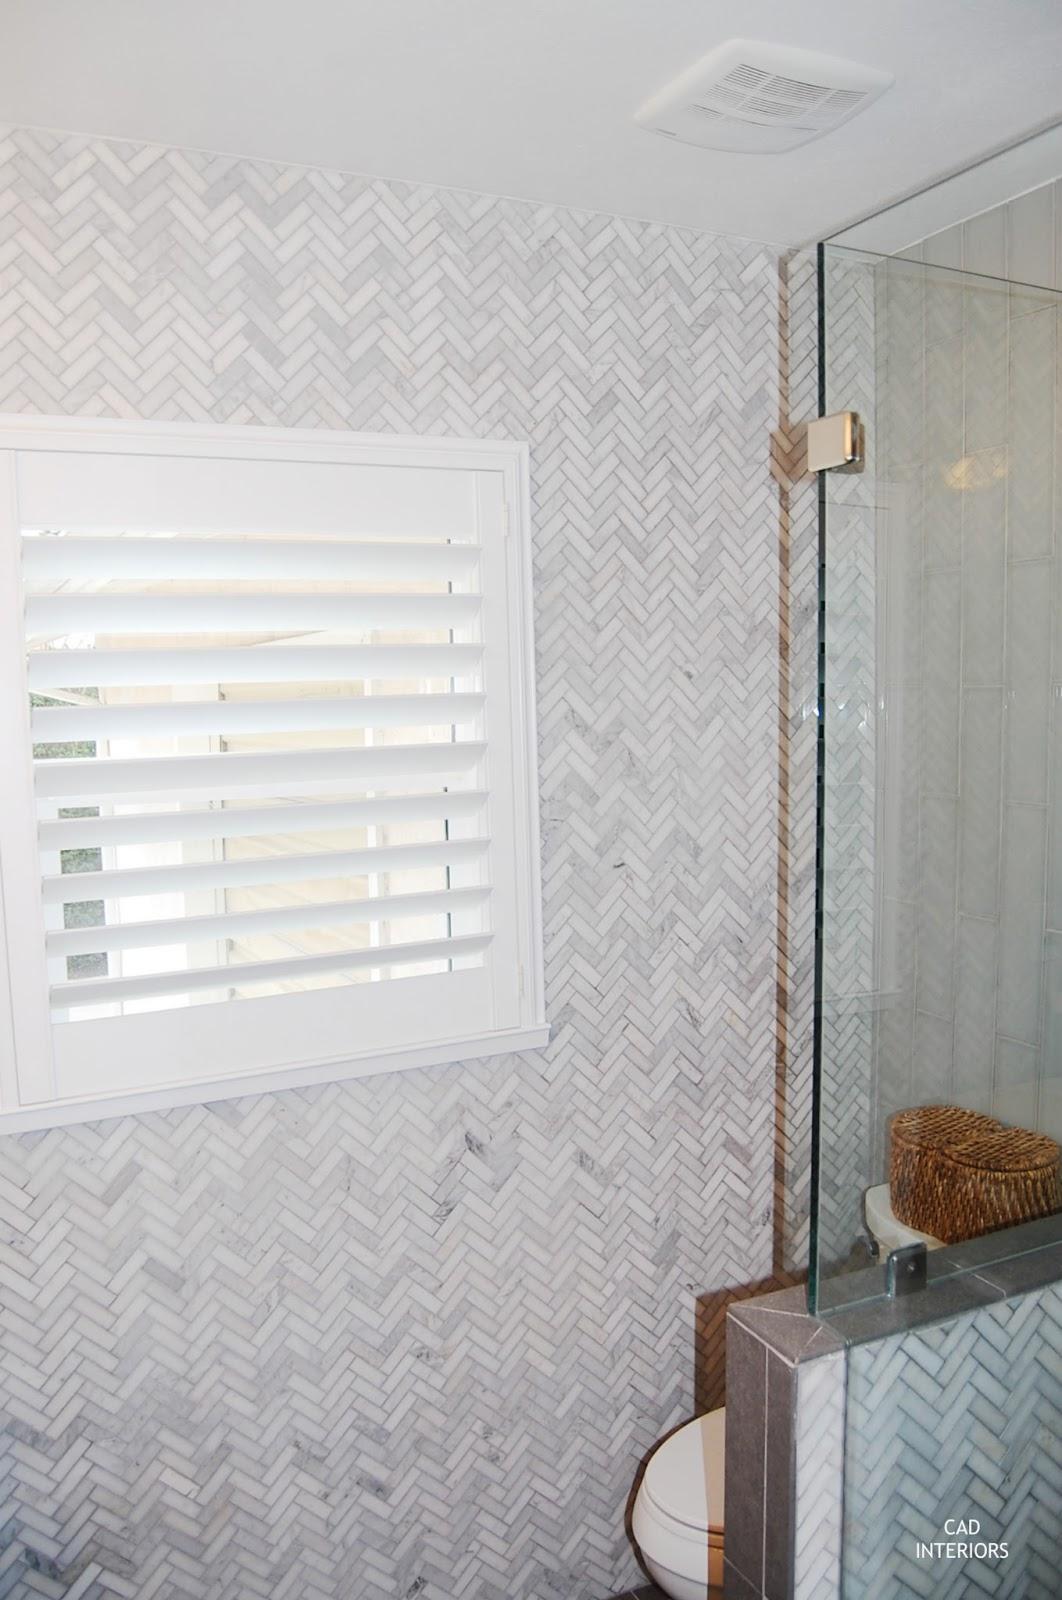 CAD INTERIORS main bathroom renovation broan exhaust vent